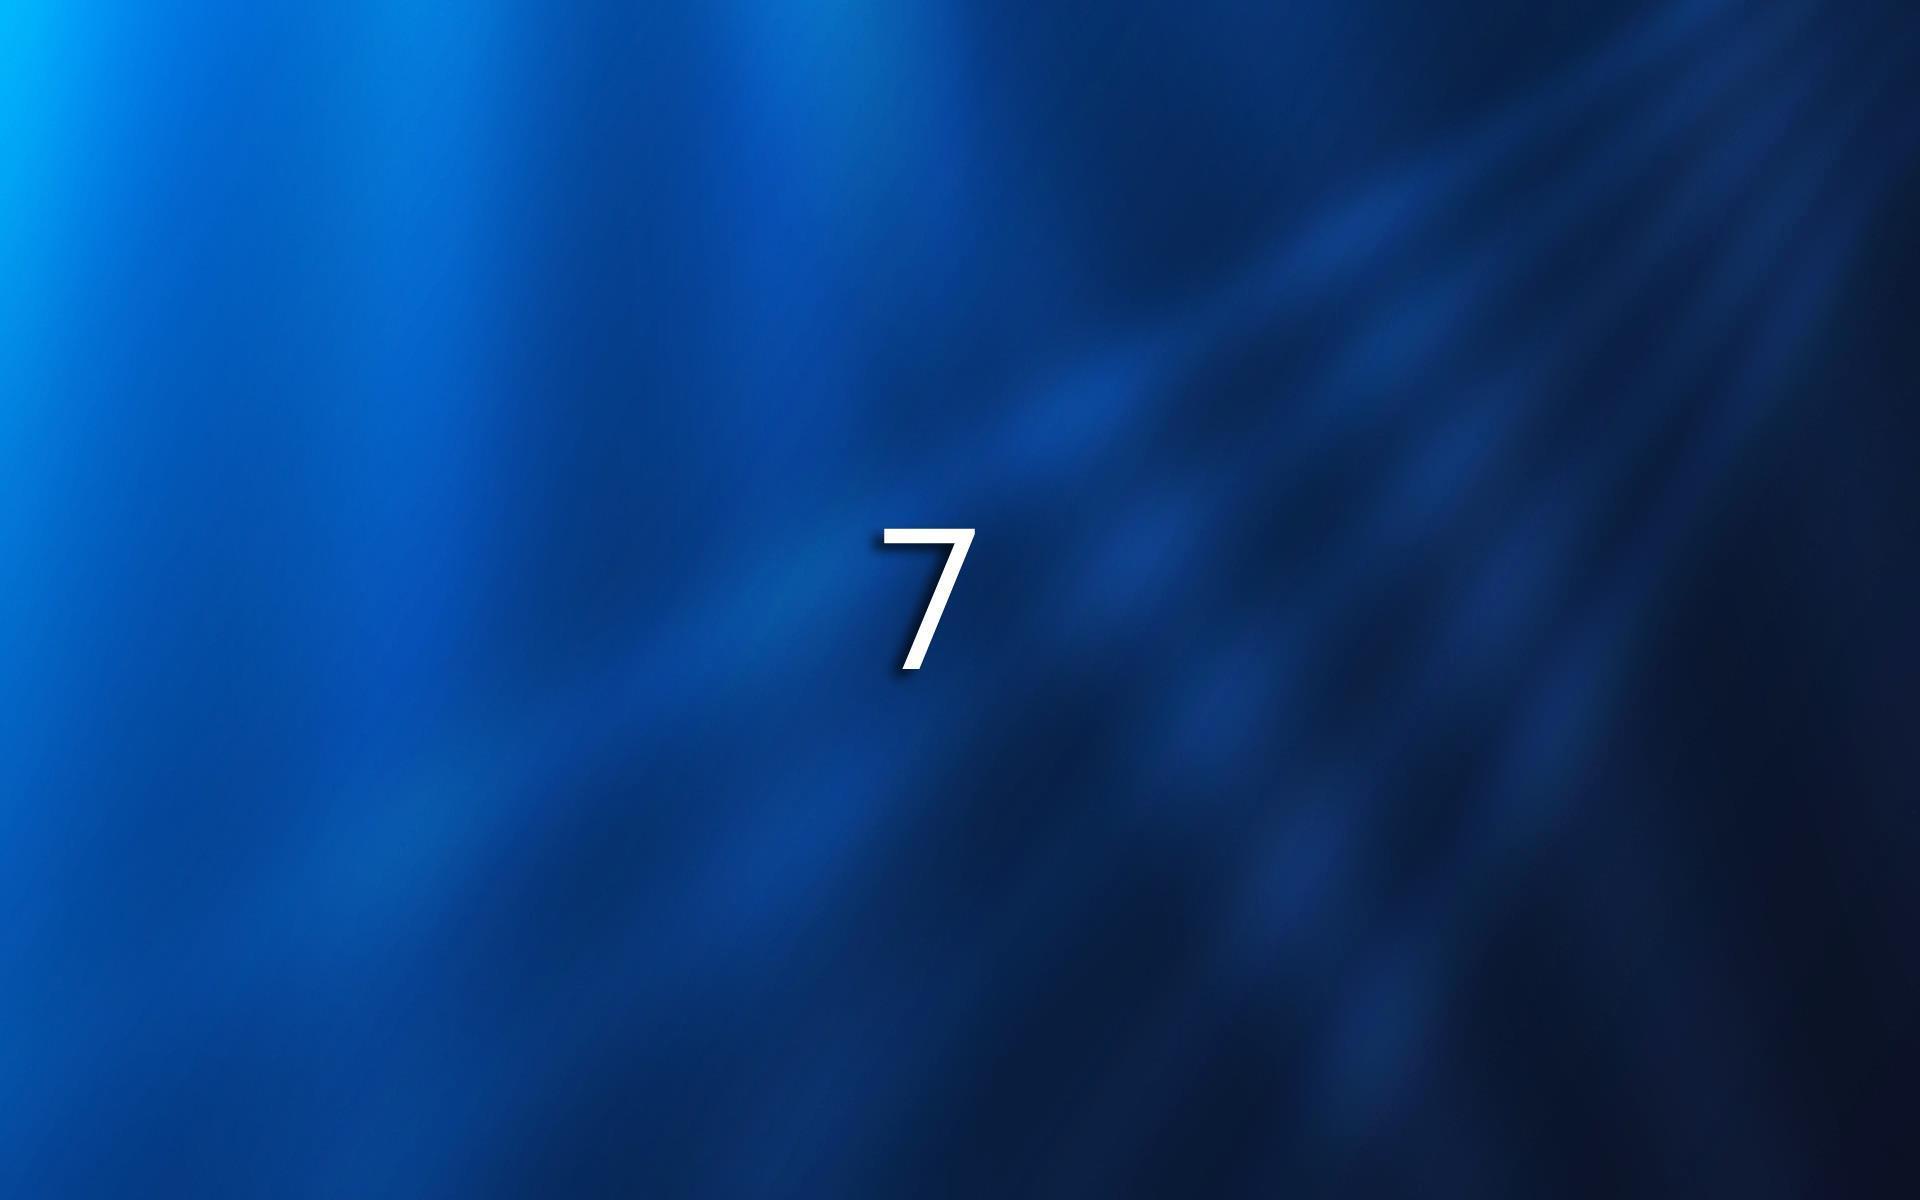 Des Fonds Dcran Pour Windows 7 Fonds Dcran HD